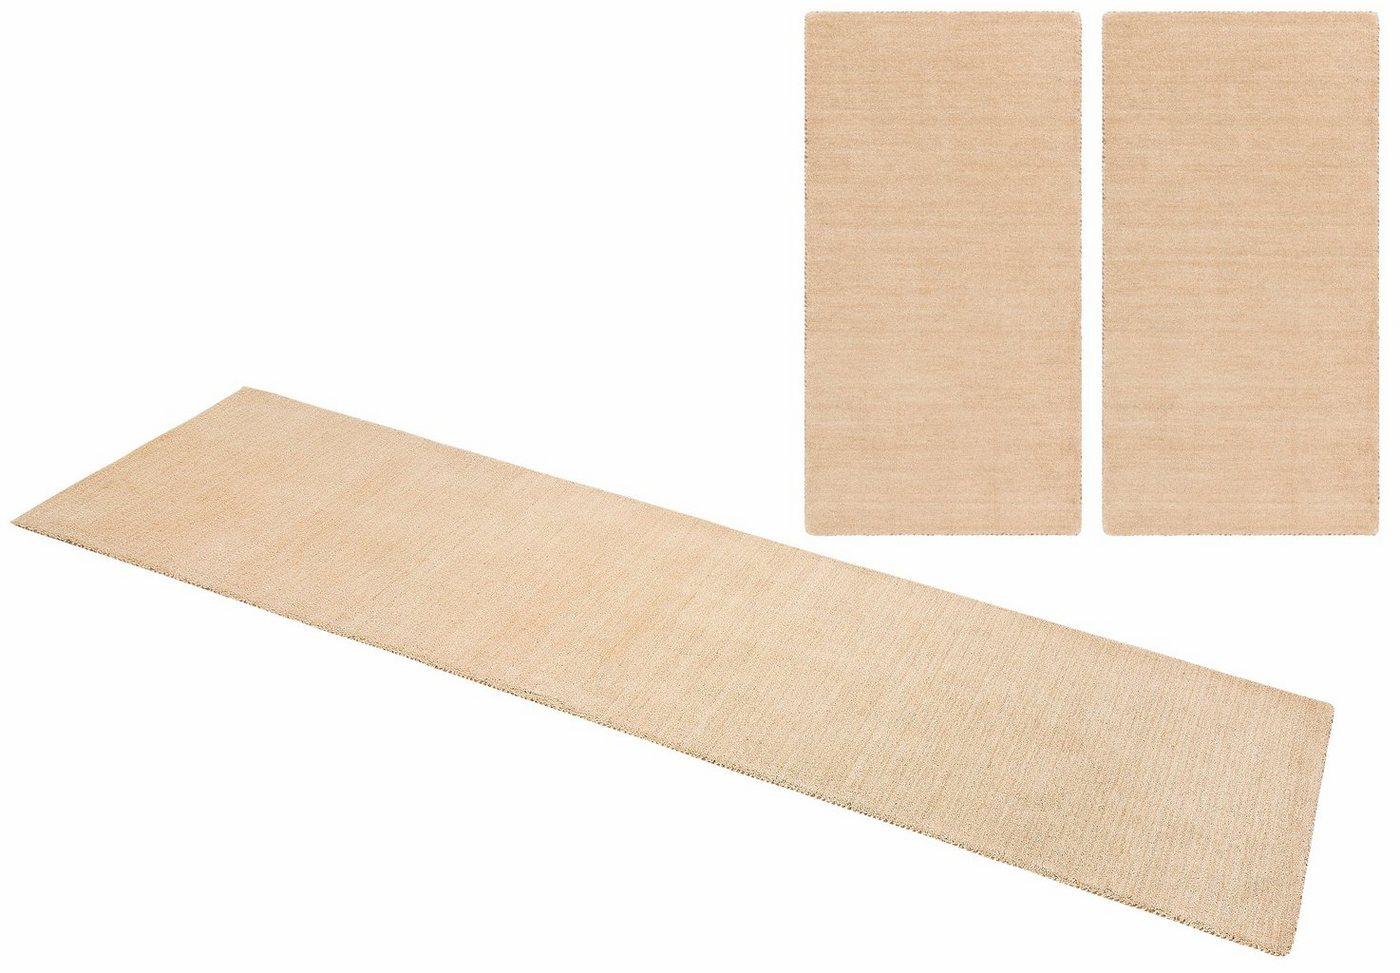 Slaapkamerset, Gabbeh uni, Theko exklusiv, rechthoekig, hoogte 15 mm, met de hand geweven